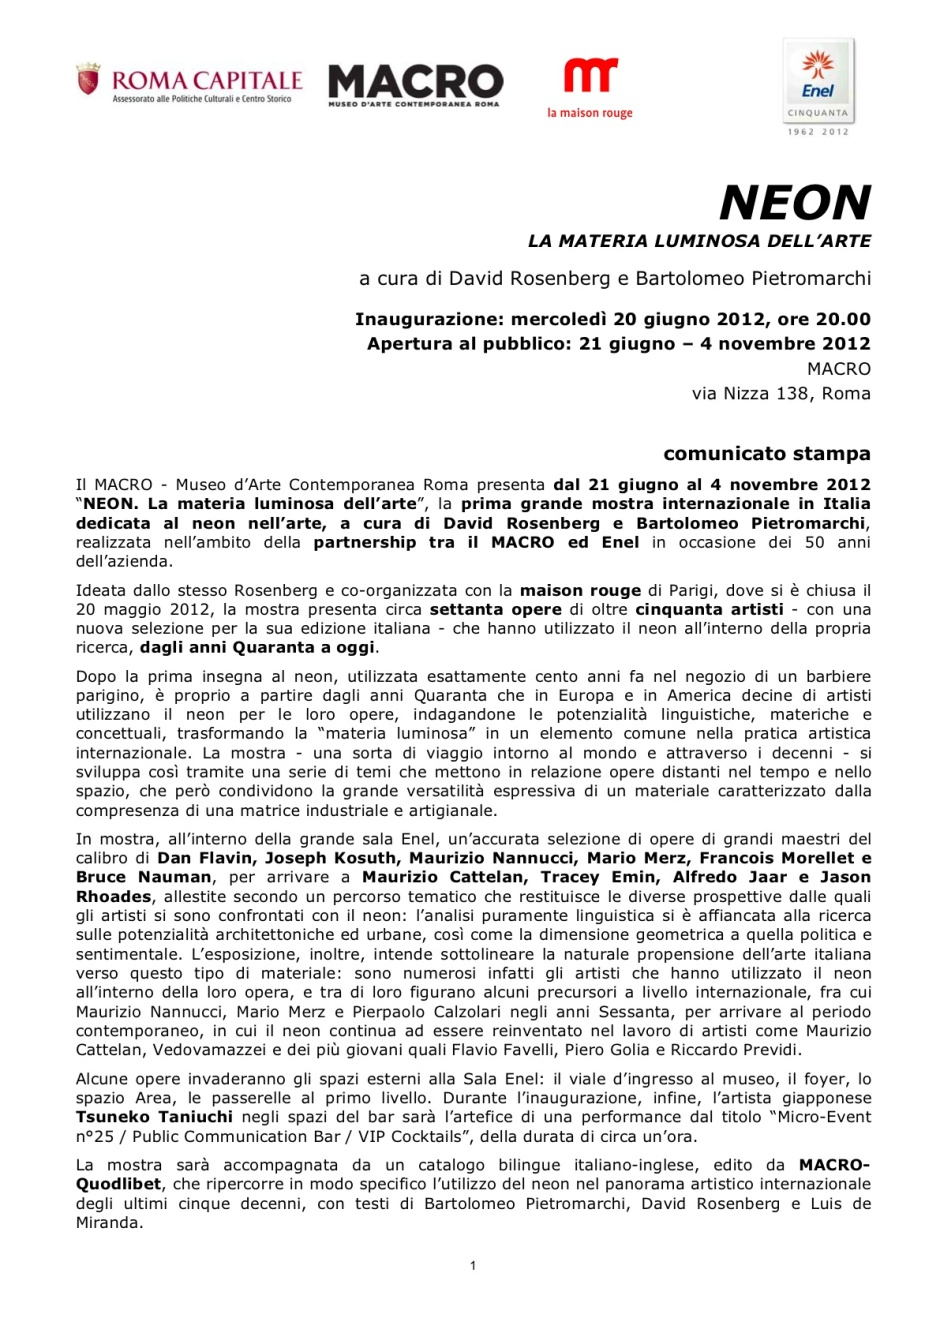 2012 NEON c.s